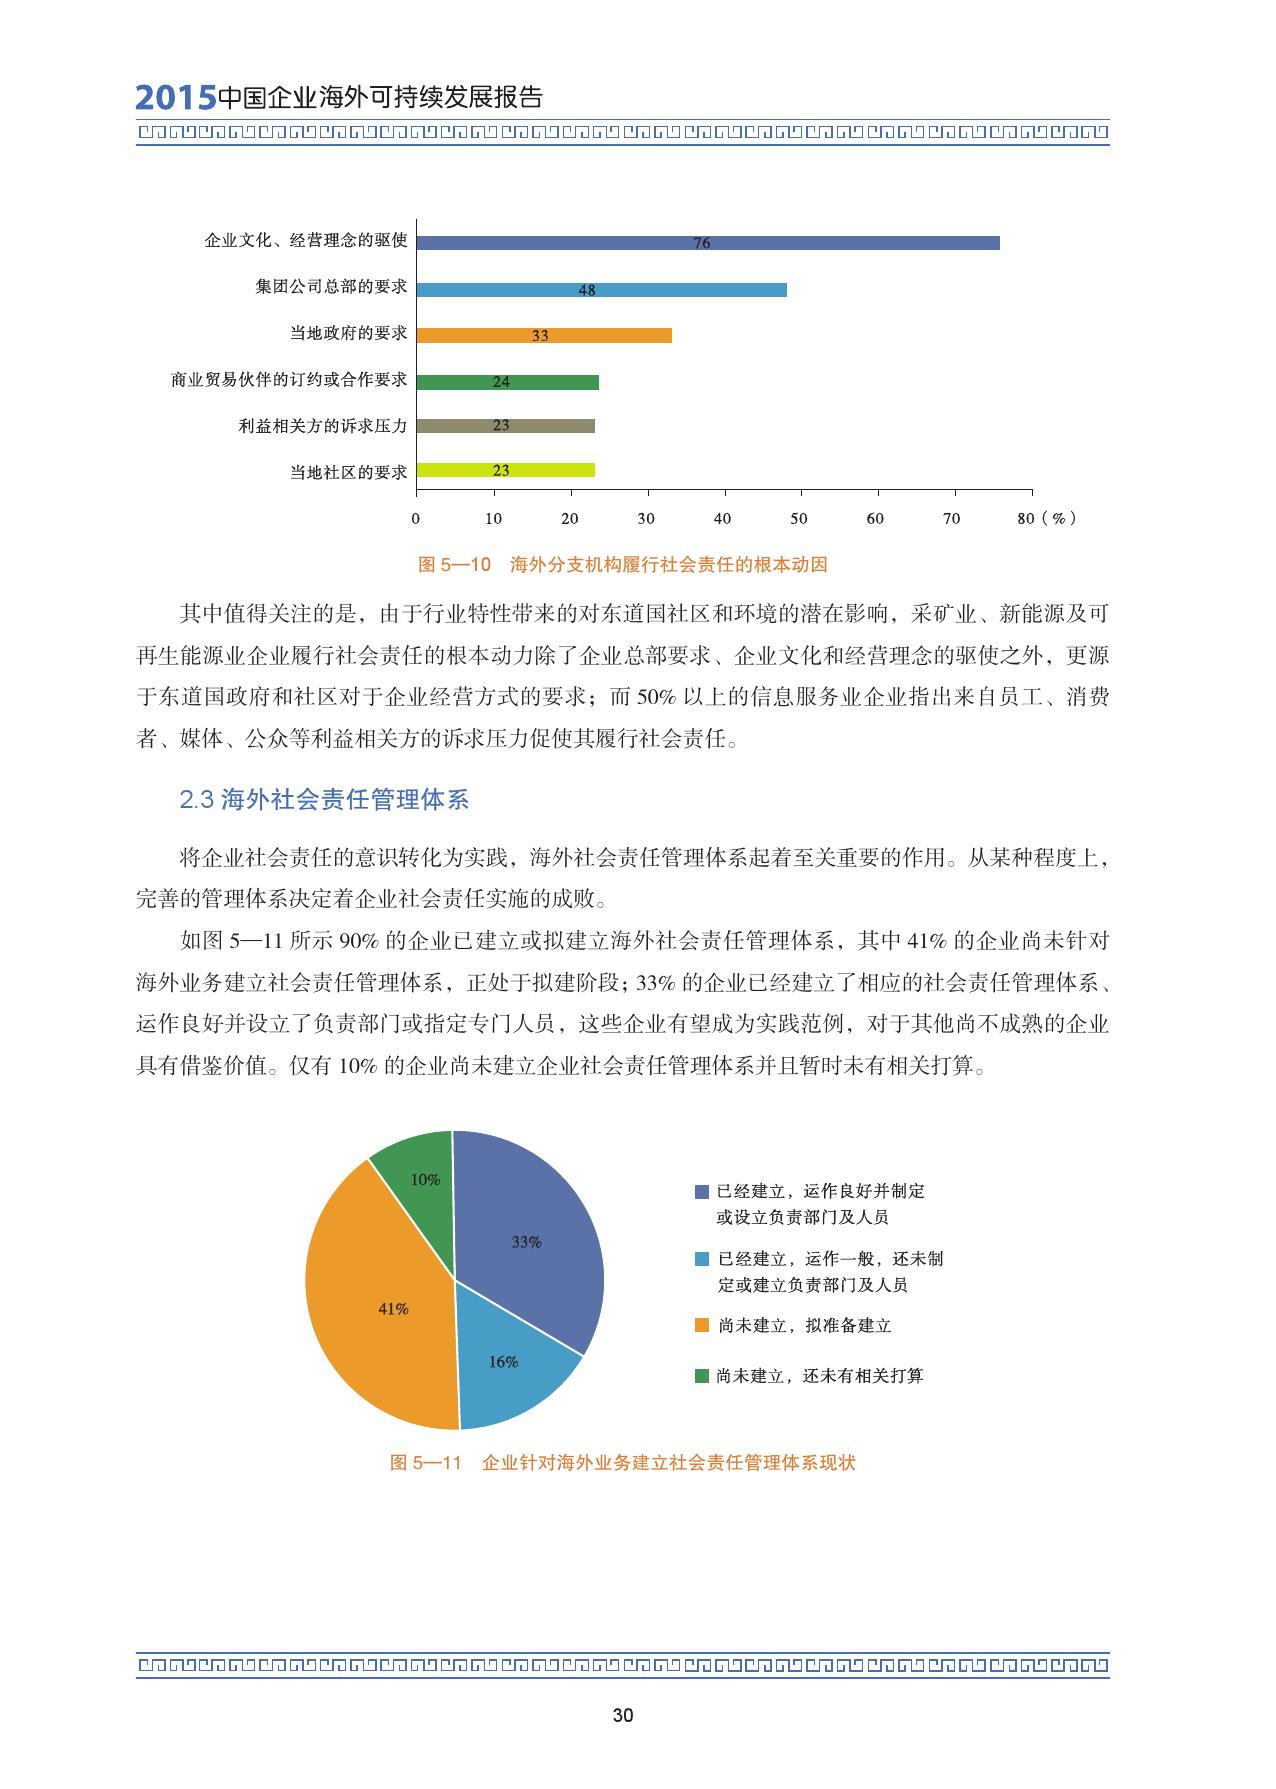 2015中国企业海外可持续发展报告_000044